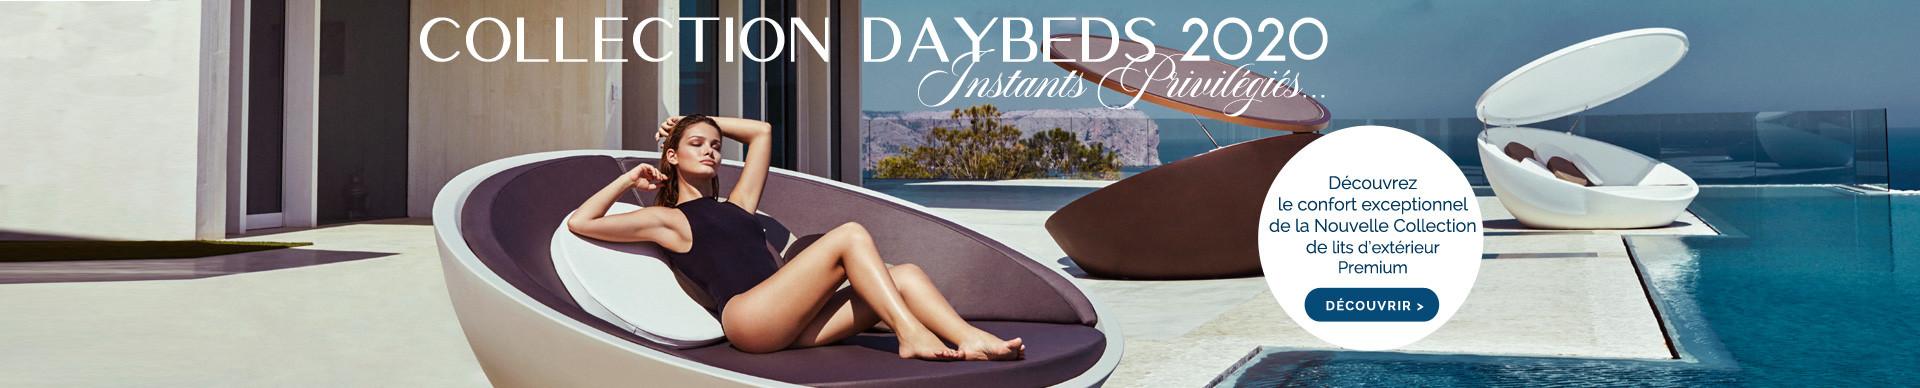 Découvrez la nouvelle collection de lits d'extérieurs Premiums !